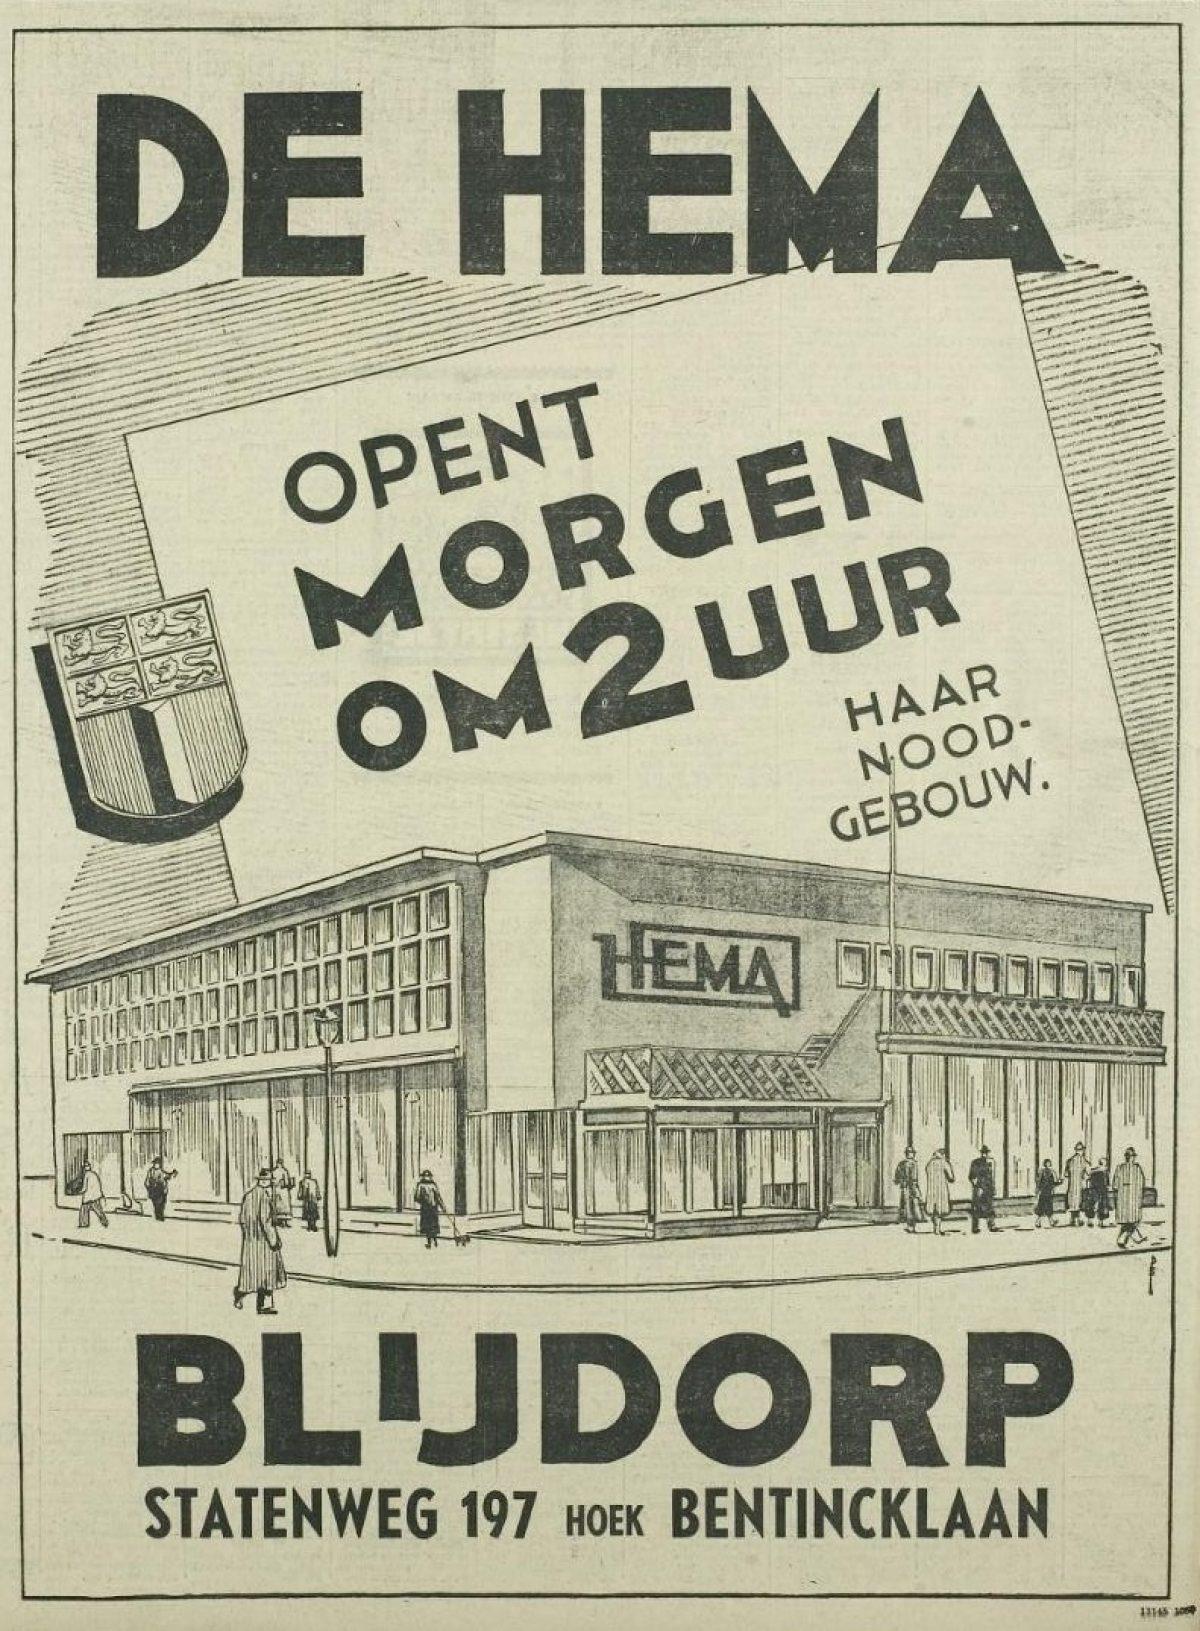 Noodw Blijdorp RN 14 11 1940